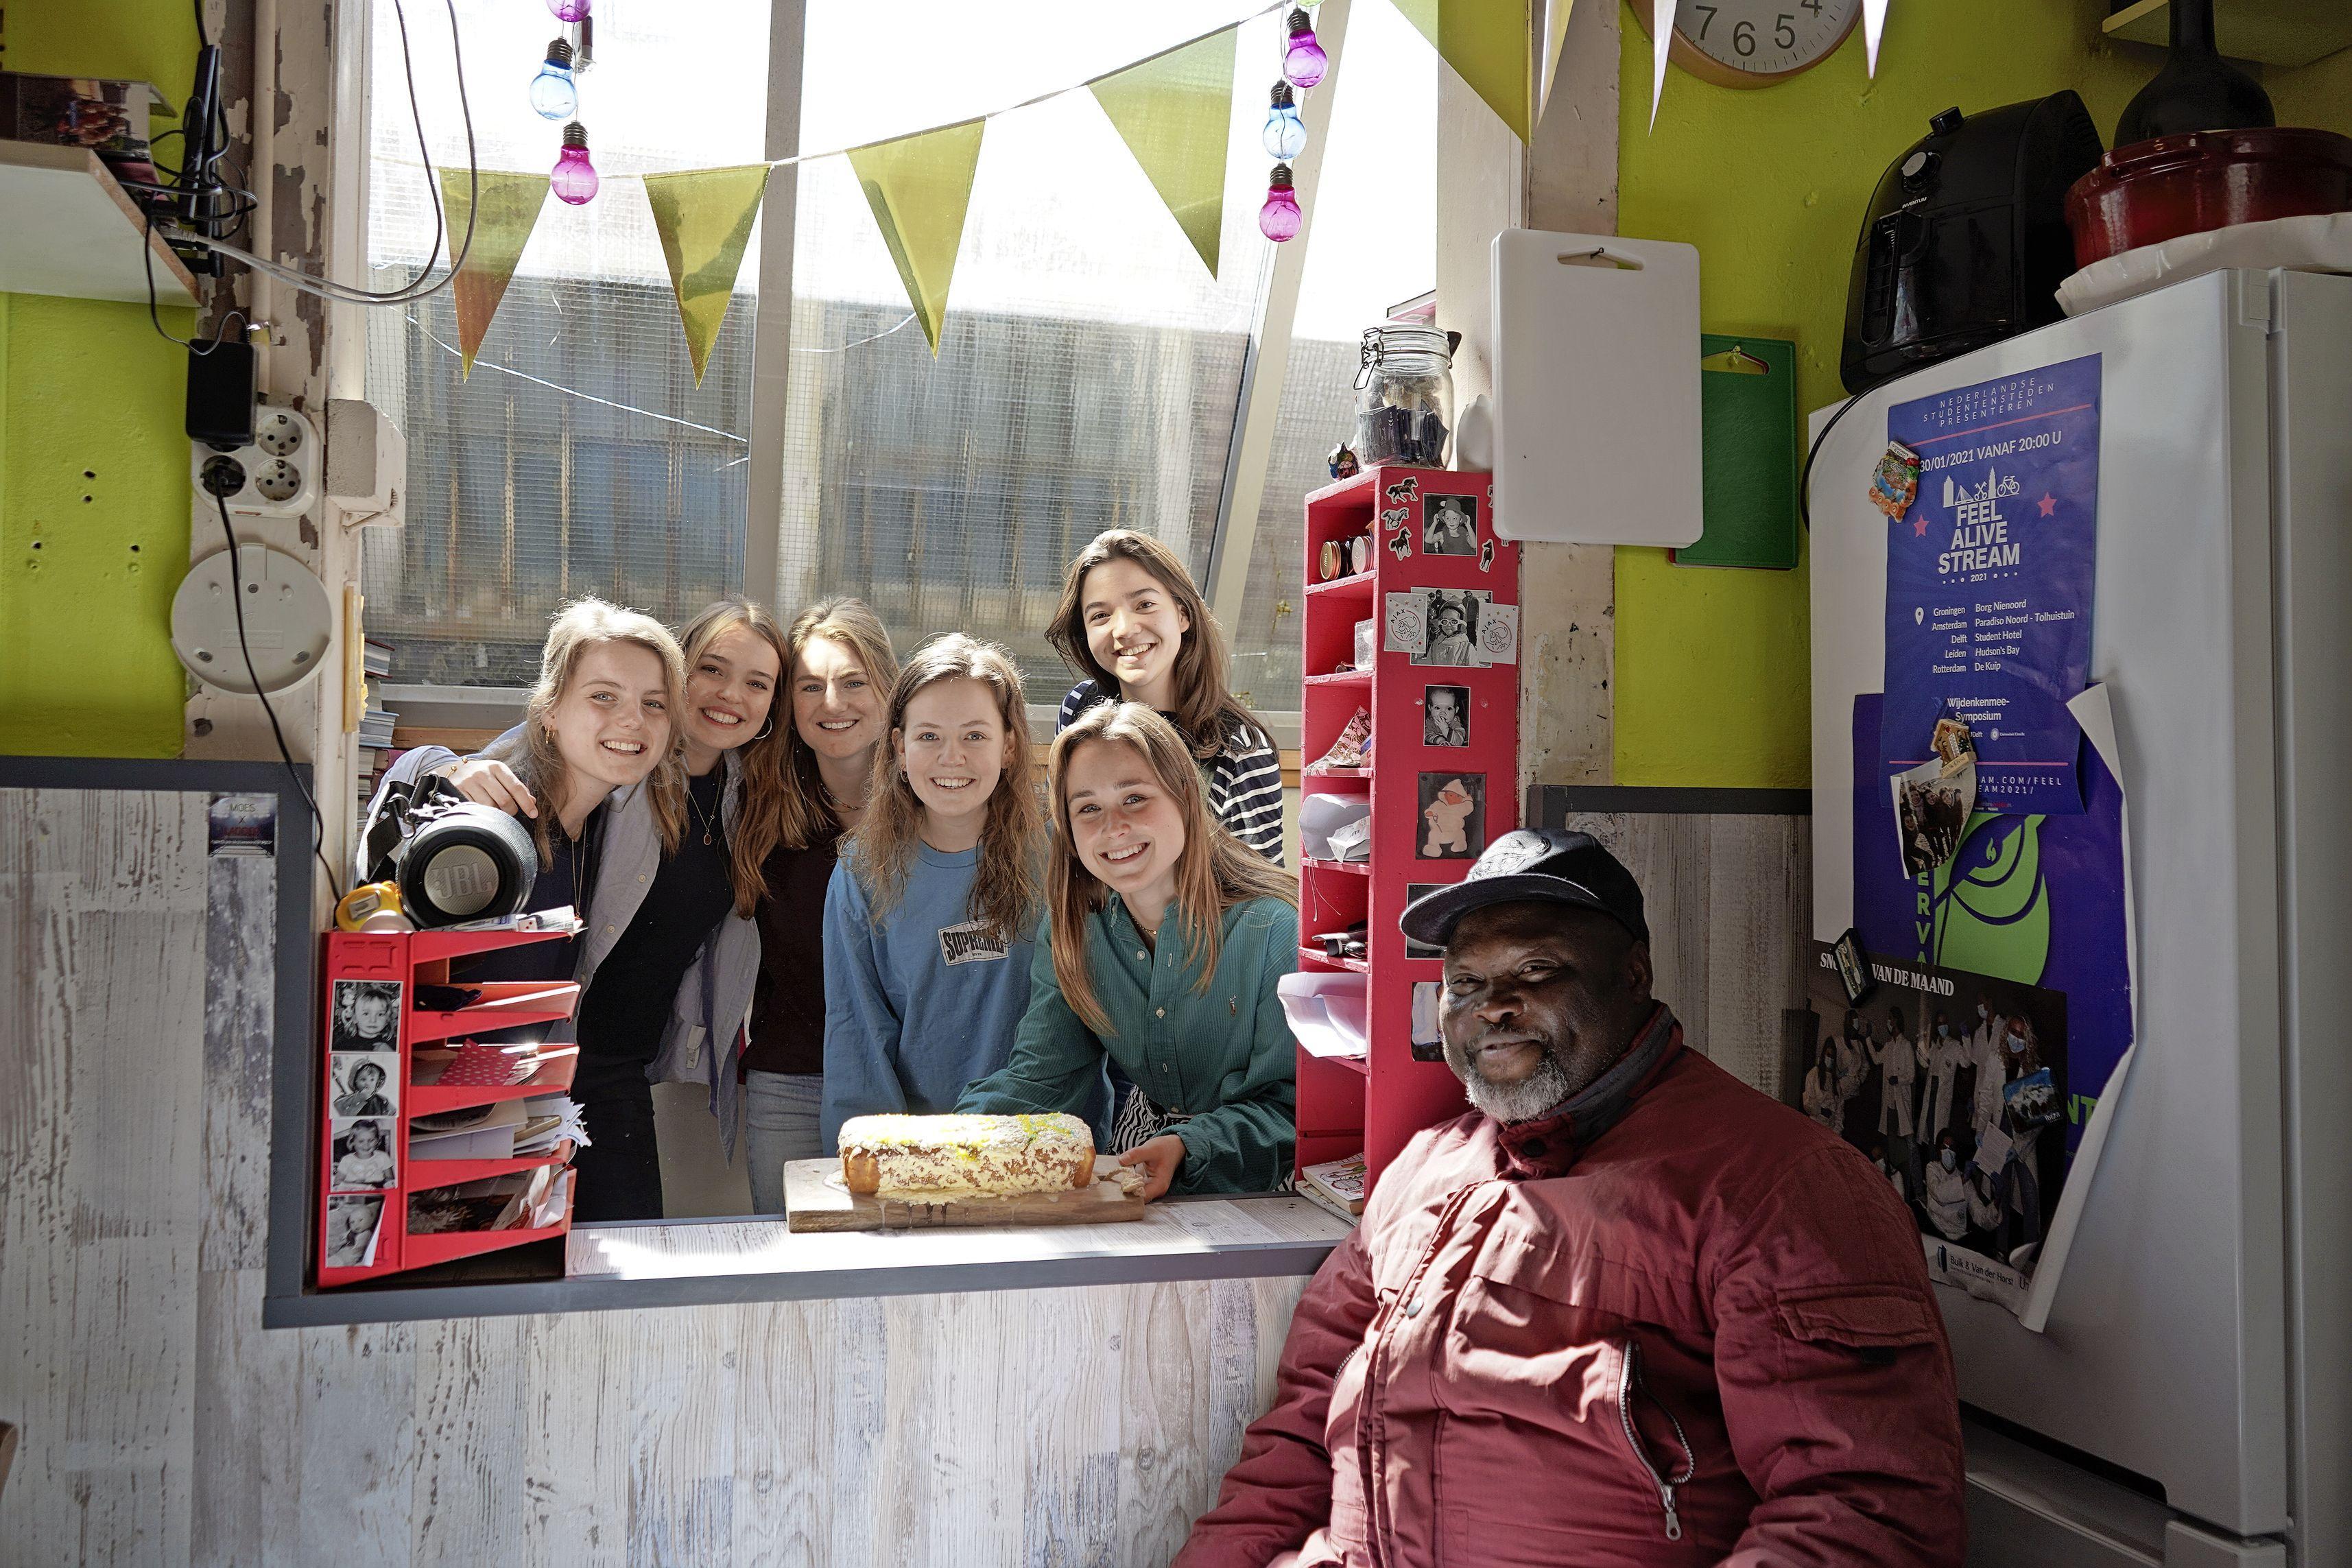 Studenten zamelen 20.000 euro in voor Leidse Straatjournaalverkoper: 'Een dankjewel is veel te klein voor wat jullie hebben gedaan'